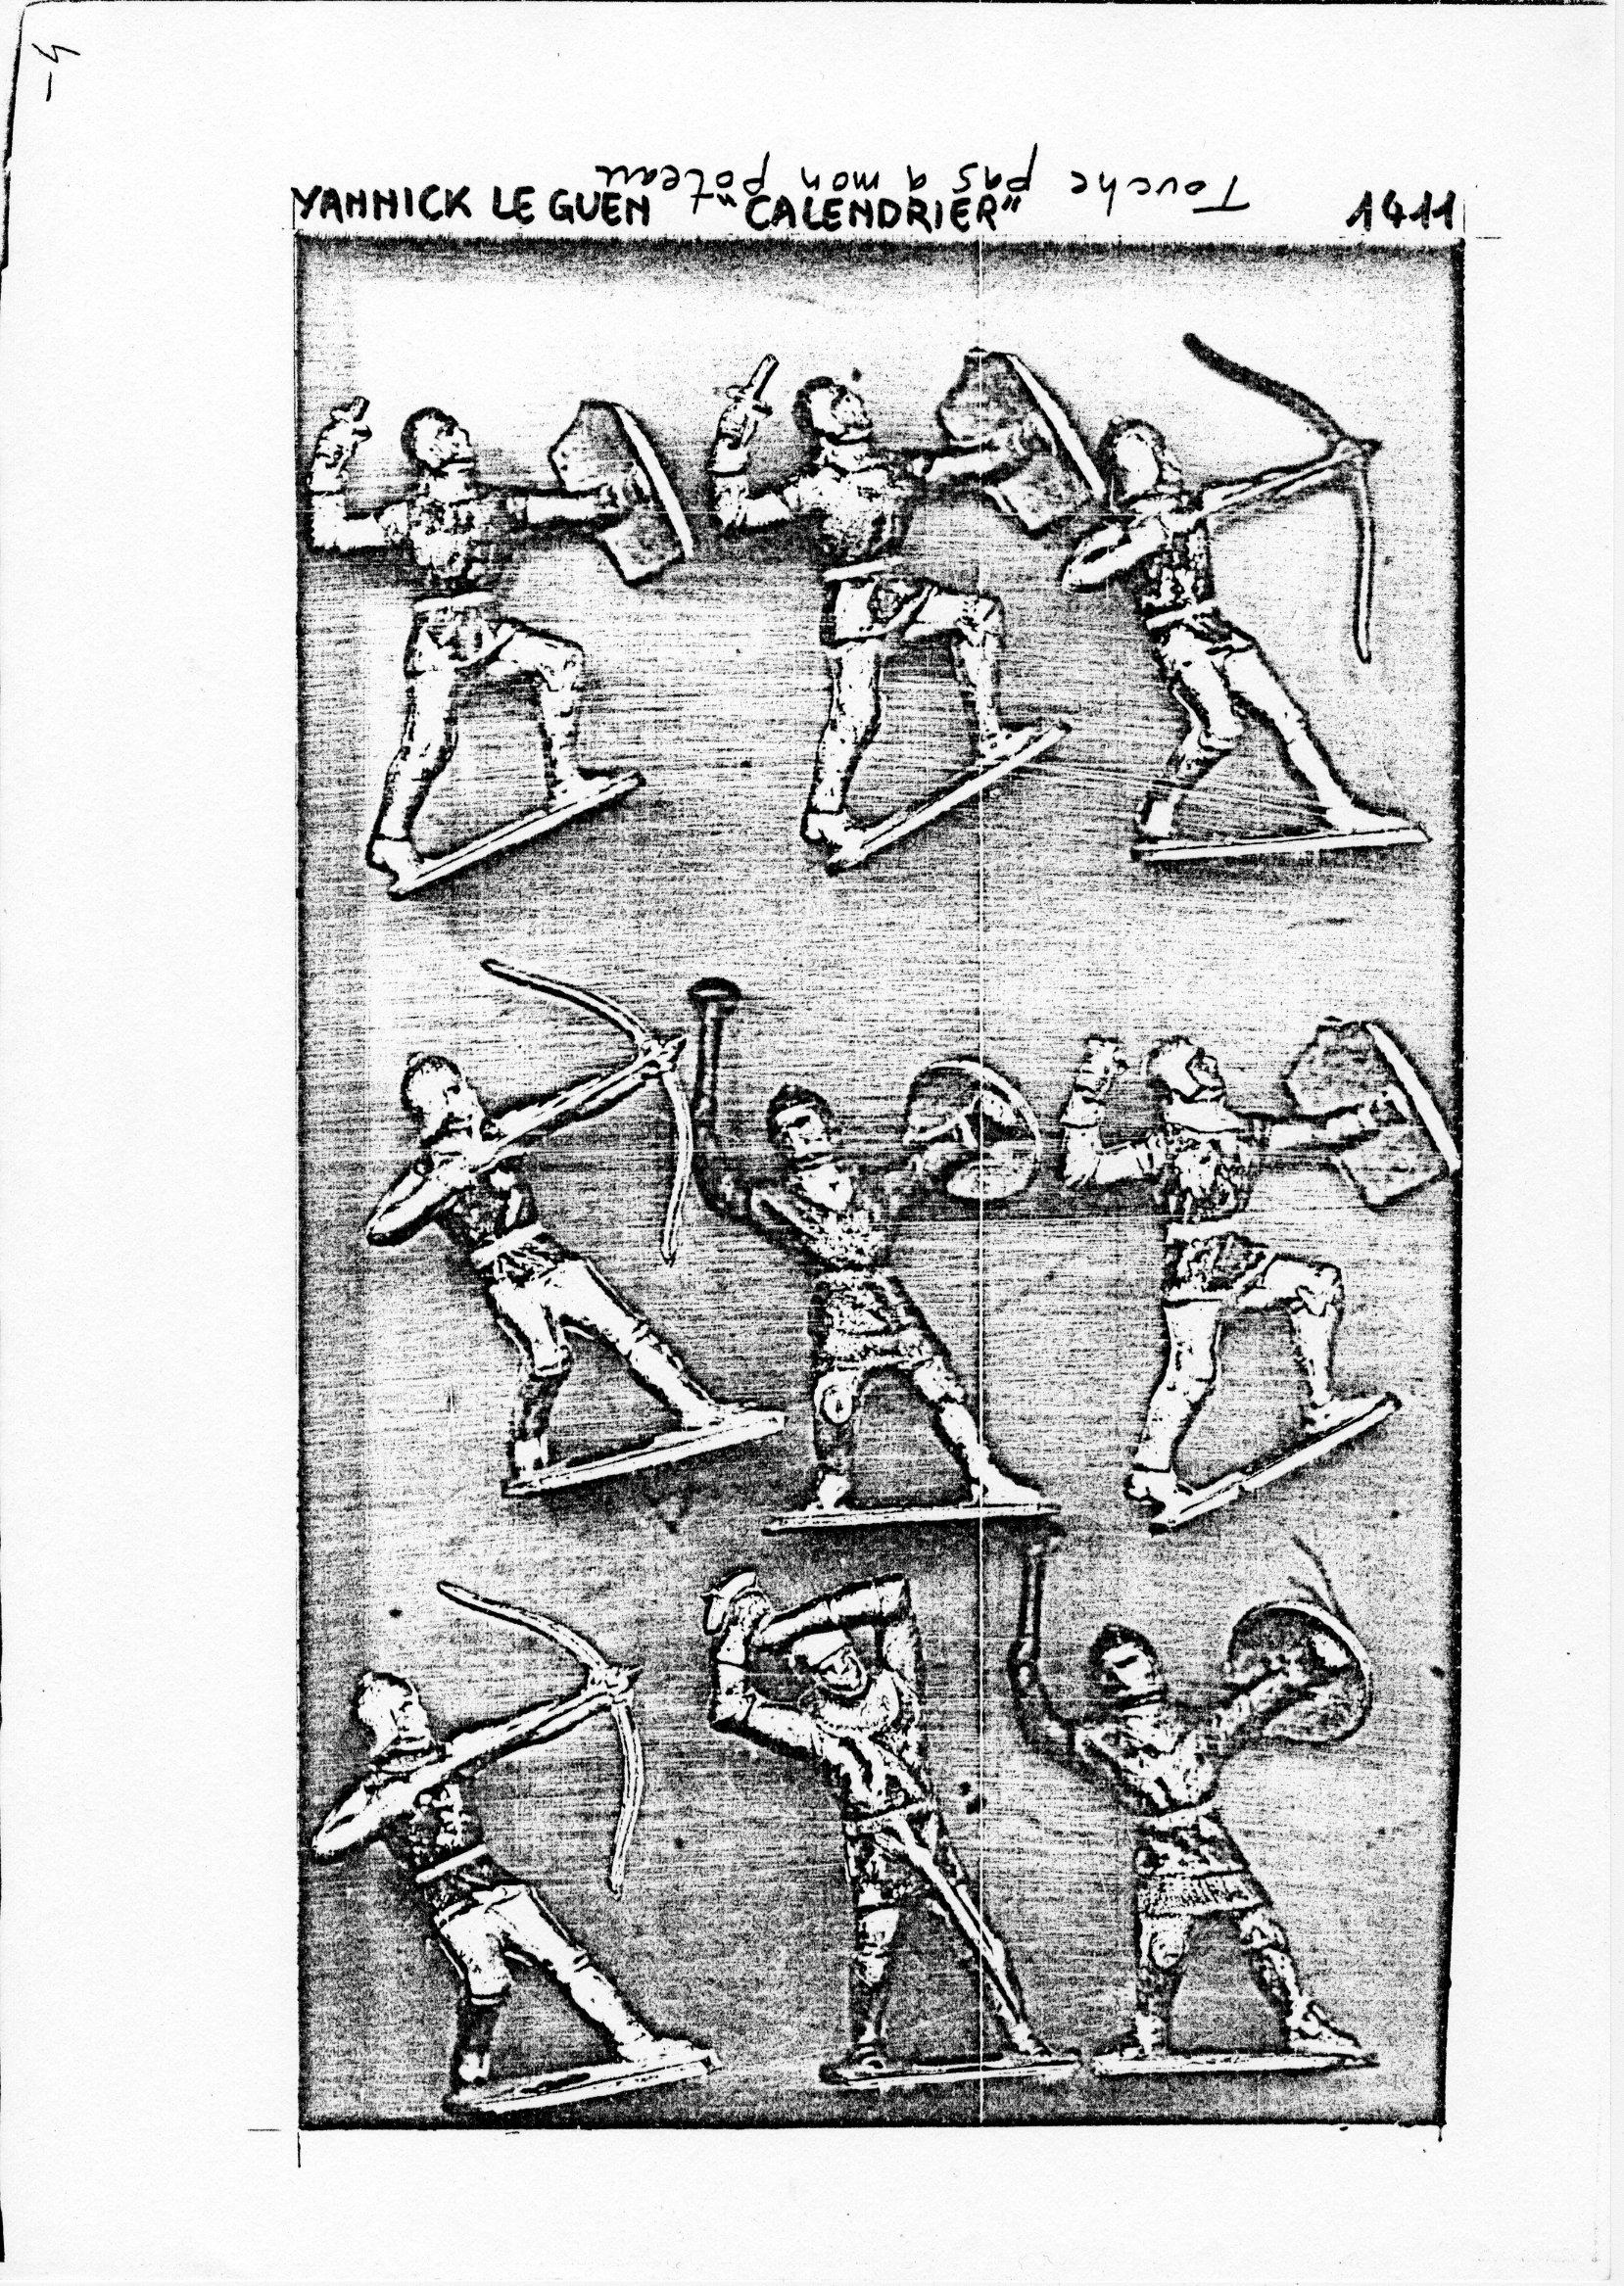 page 1411 Y. Leguen CALENDRIER